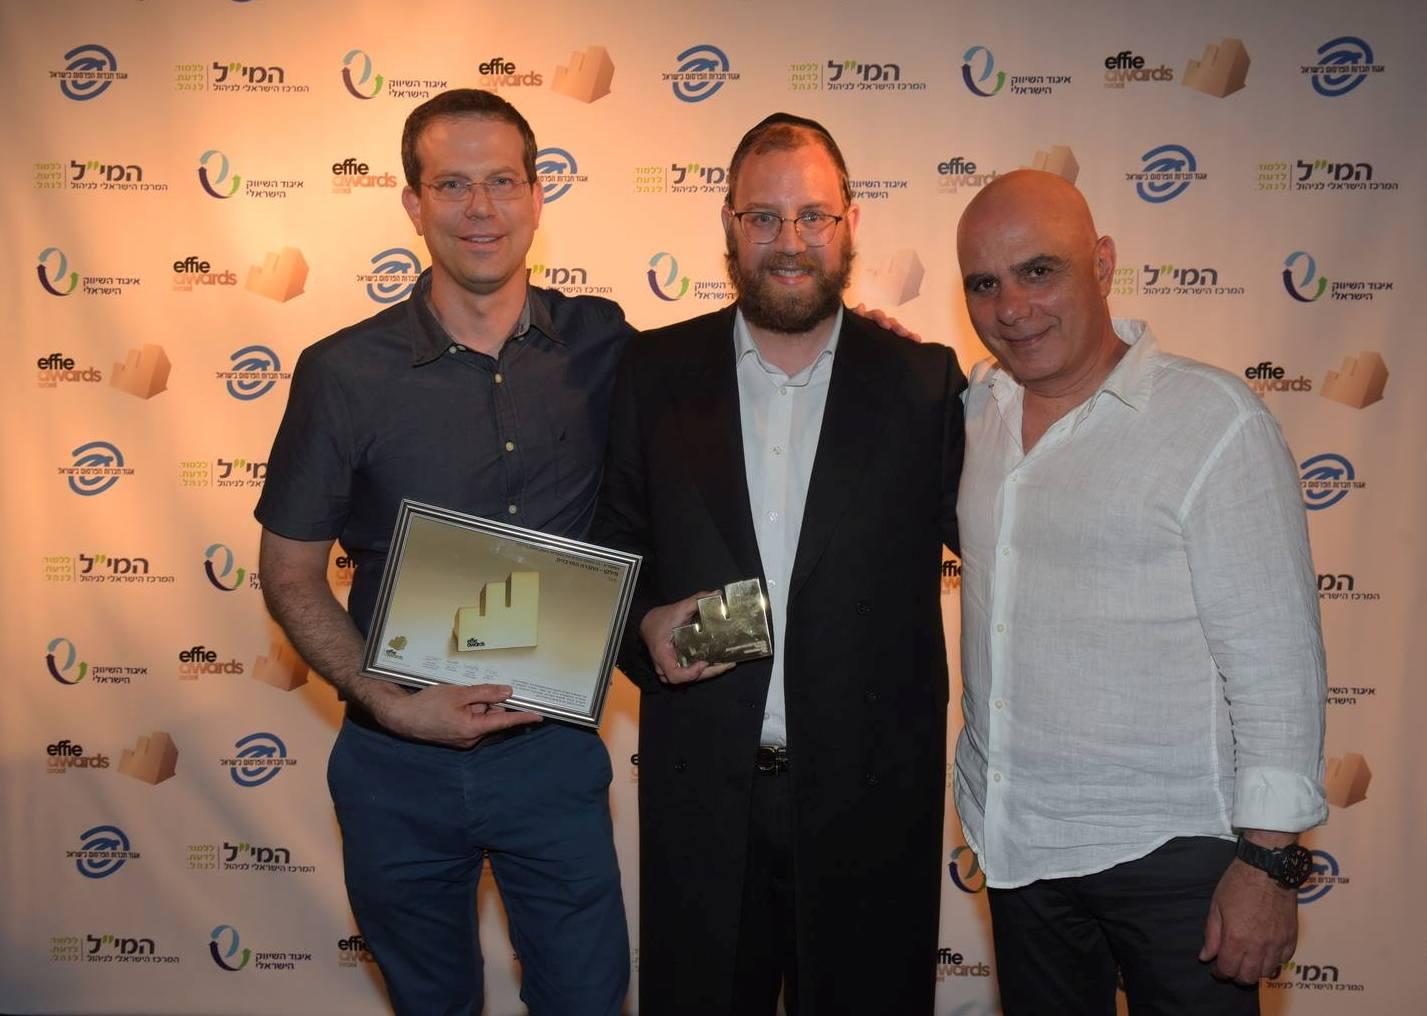 תחרות האפי: מחלבת טרה זכתה בפרס הזהב בקטגוריית מגזרים 1